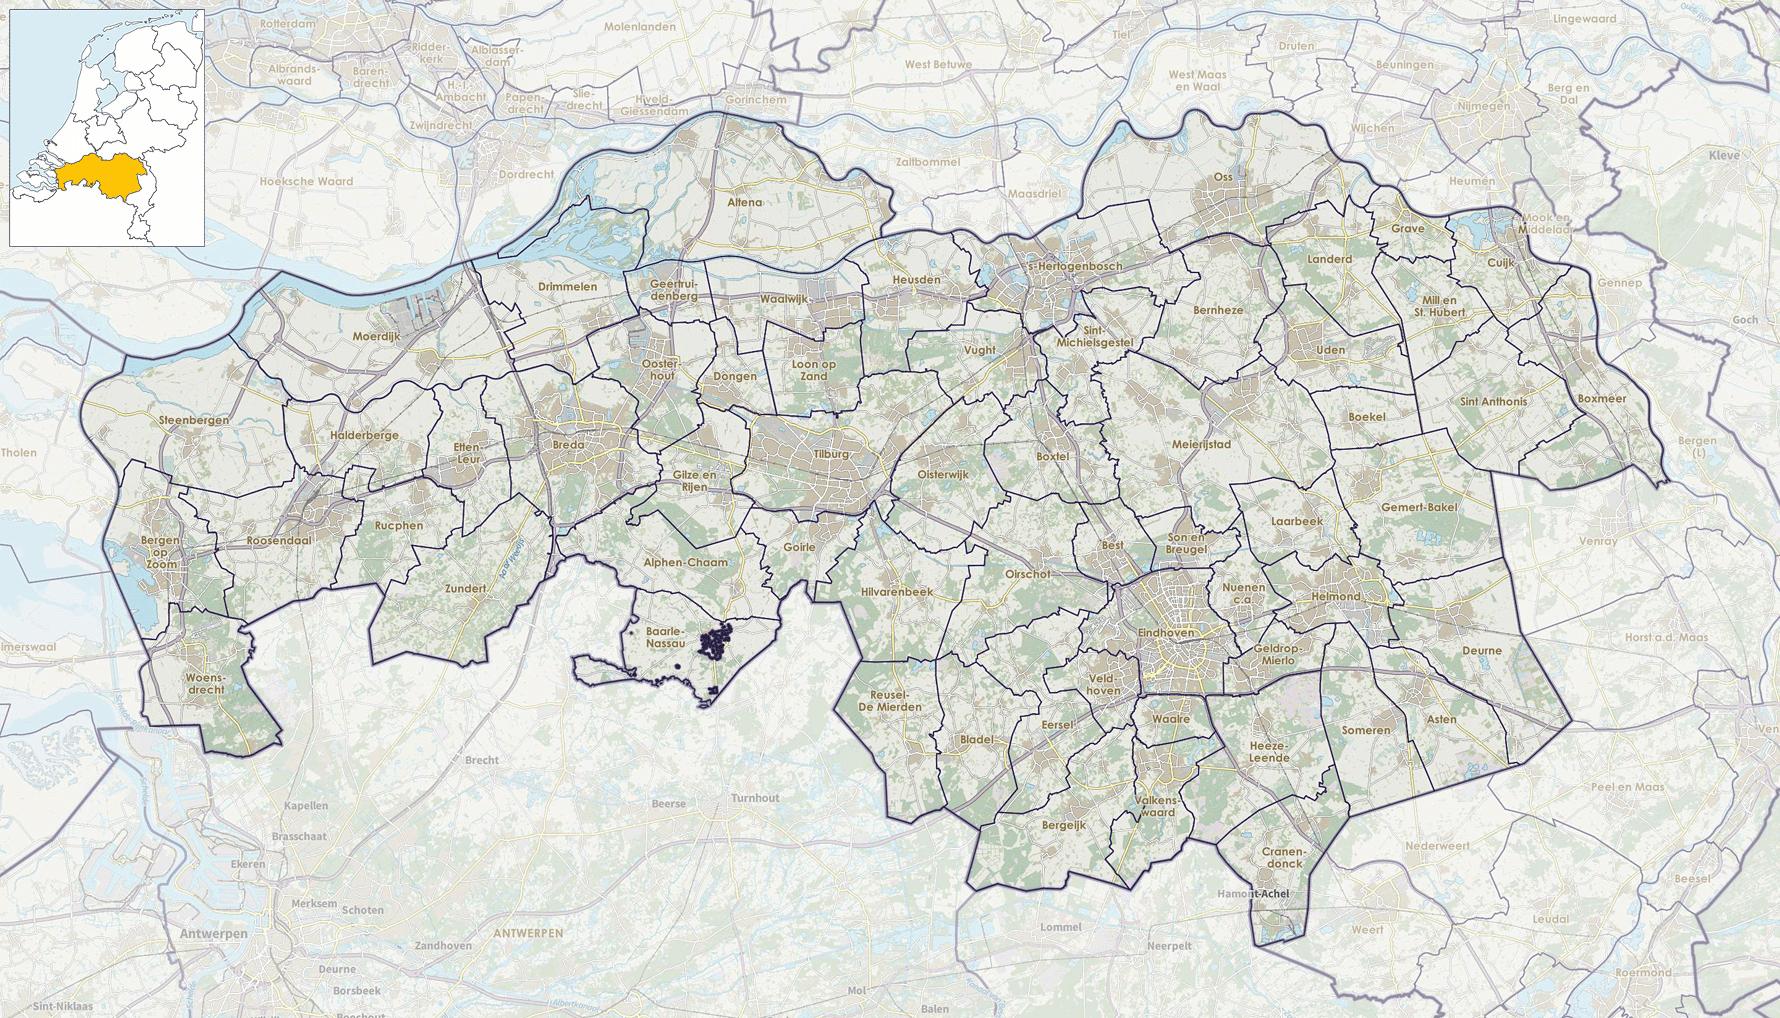 Vierlingsbeek Wikipedia